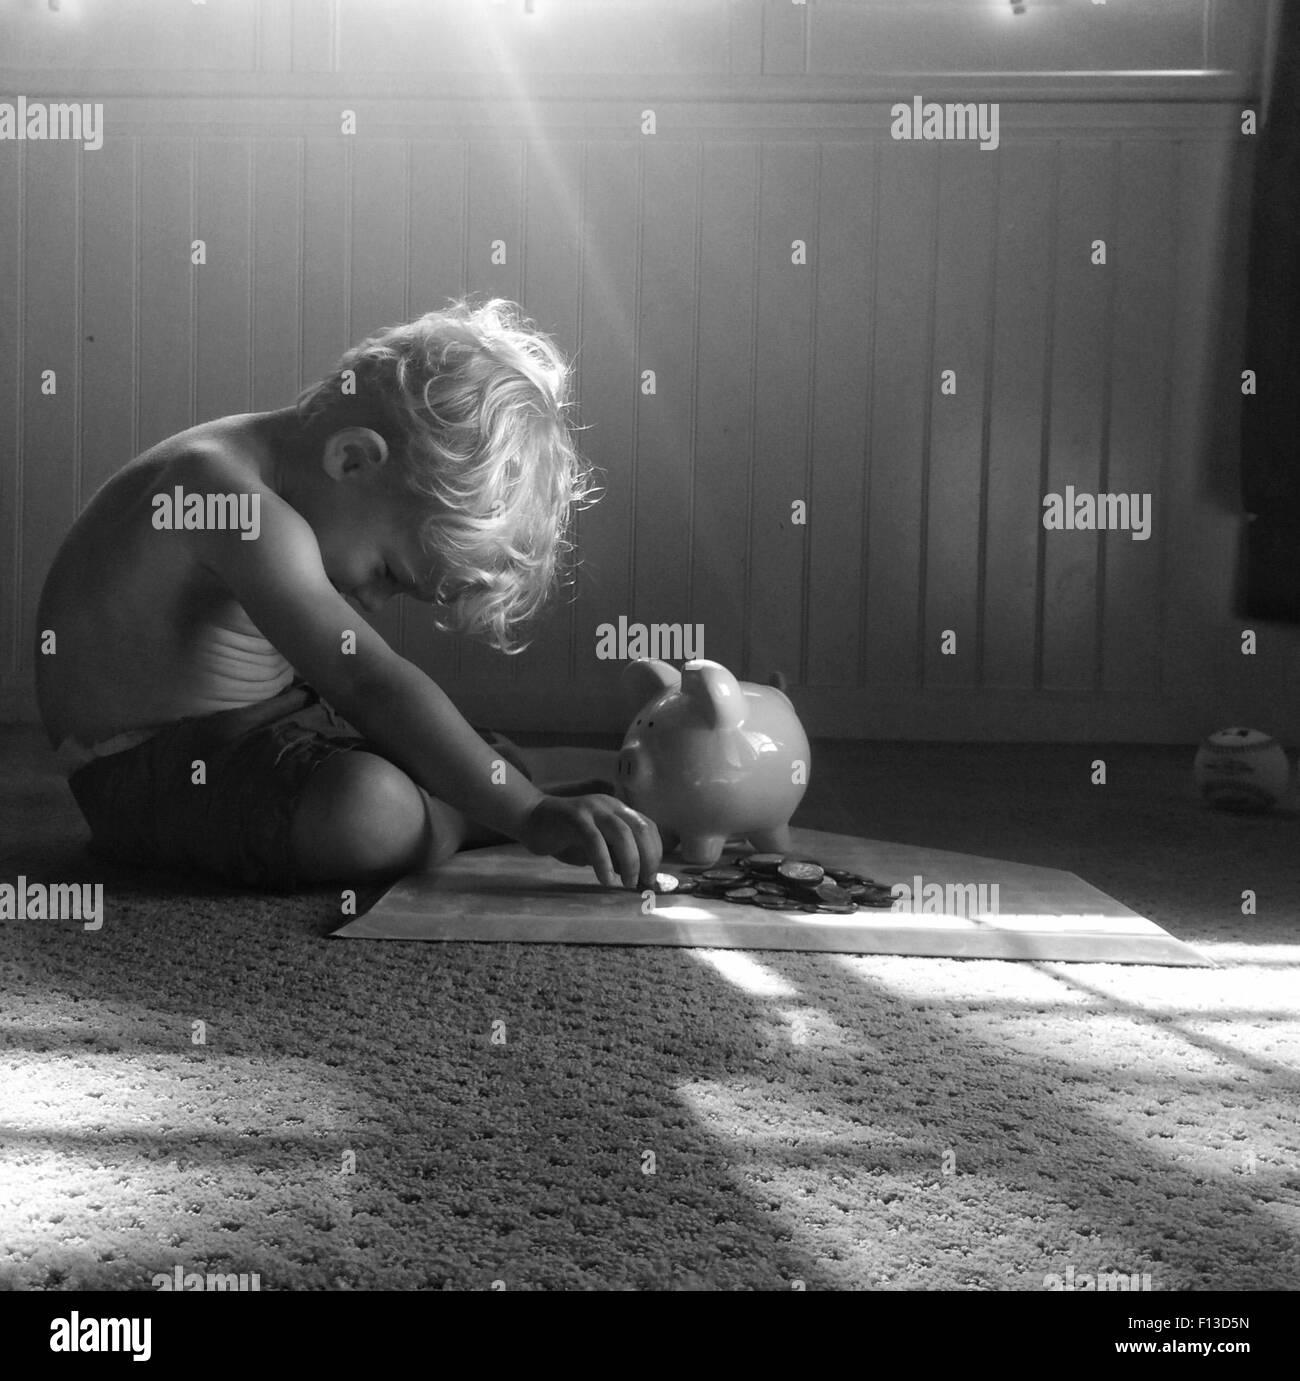 Toddler sentado sobre o piso contando dinheiro Imagens de Stock